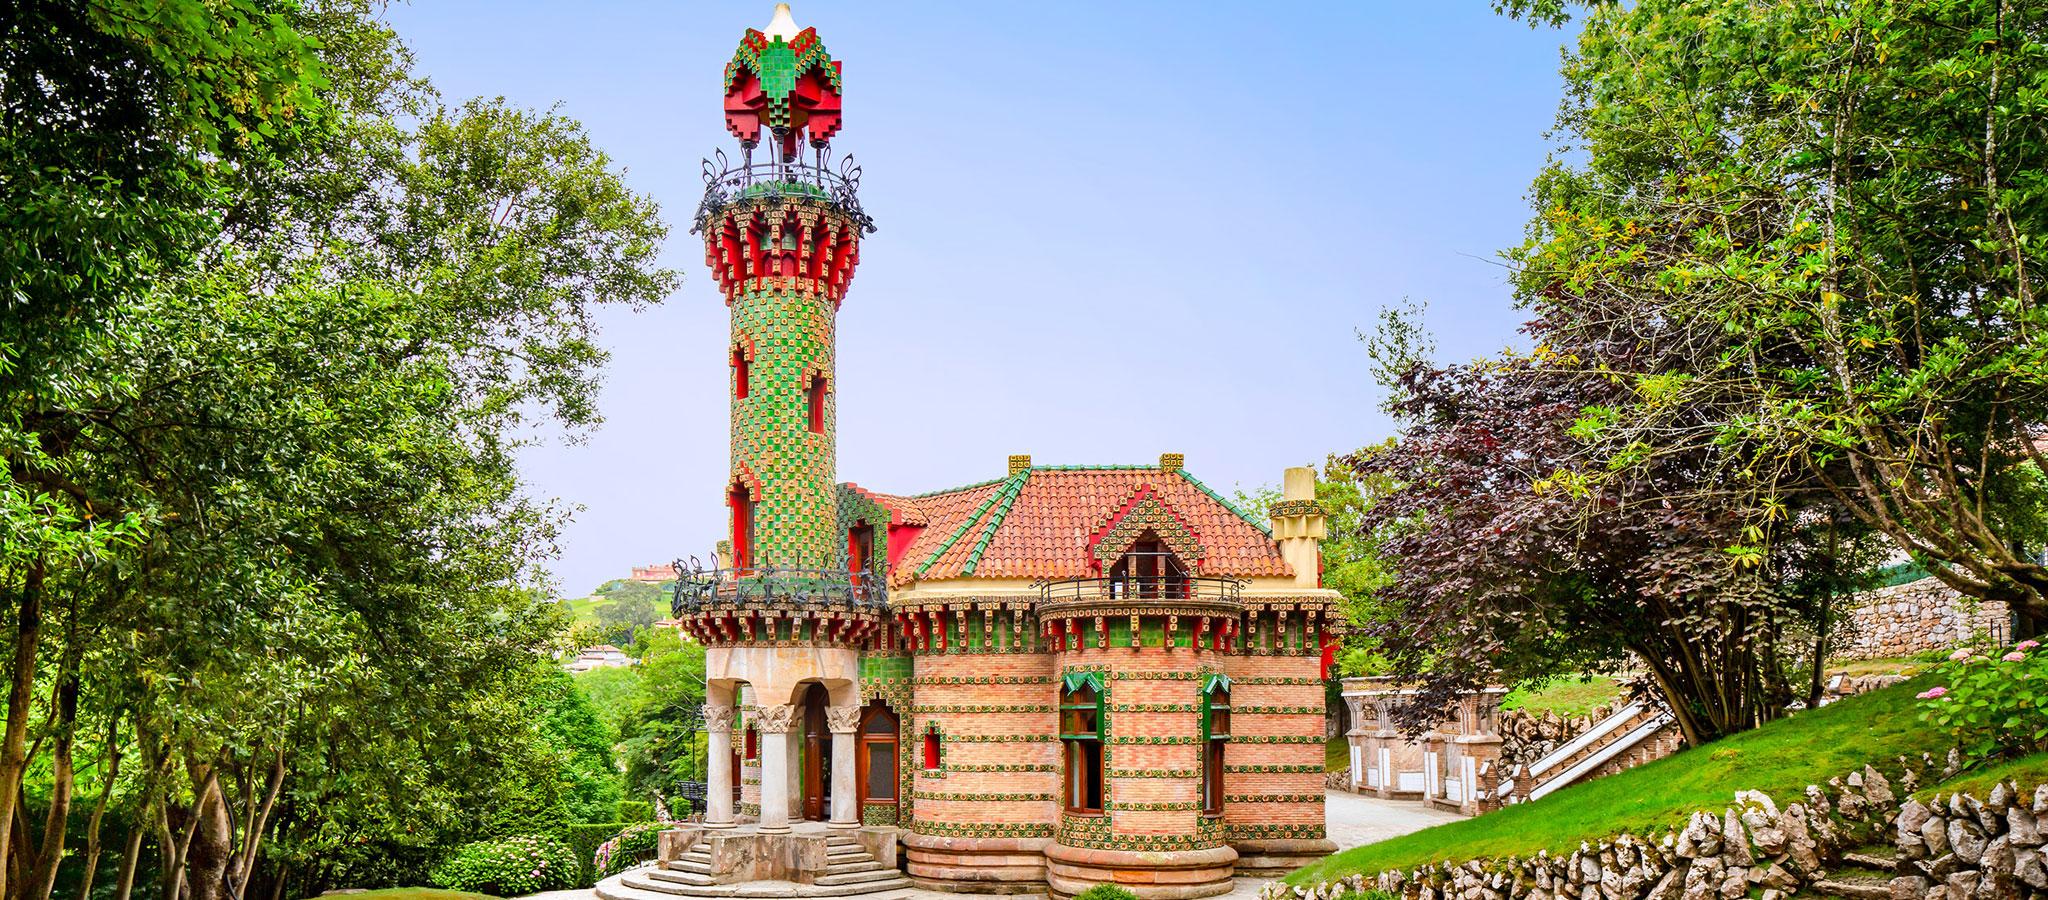 El fotógrafo David Cardelús nos ofrece una visión especial de El Capricho, de Antoni Gaudí. Fotografía por David Cardelús